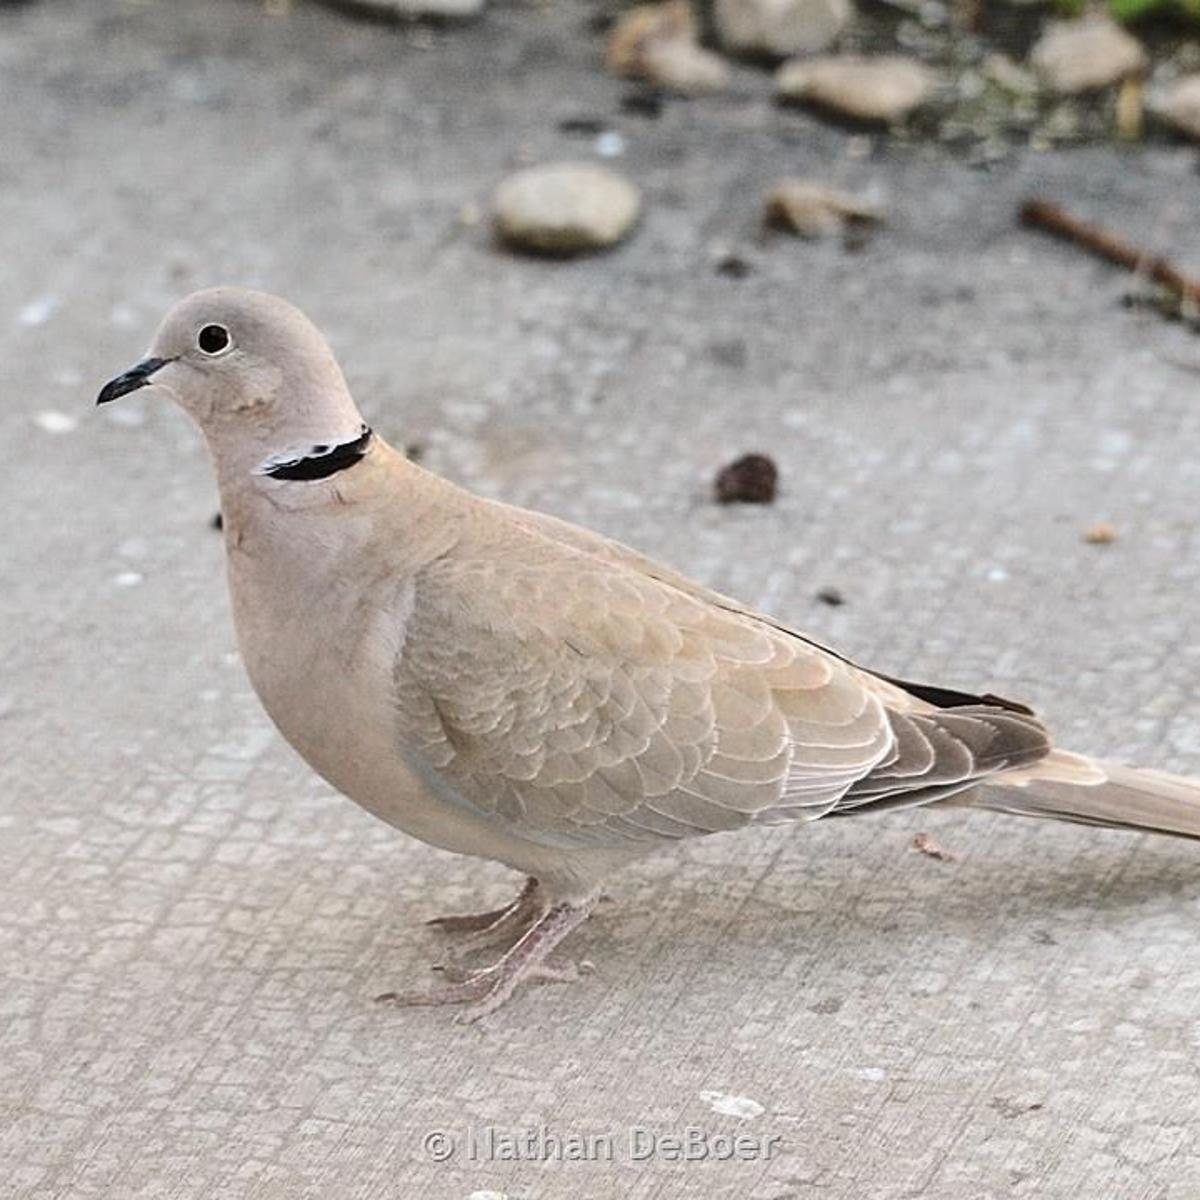 Eurasian collared doves being killed by virus outbreak | Outdoors |  billingsgazette.com